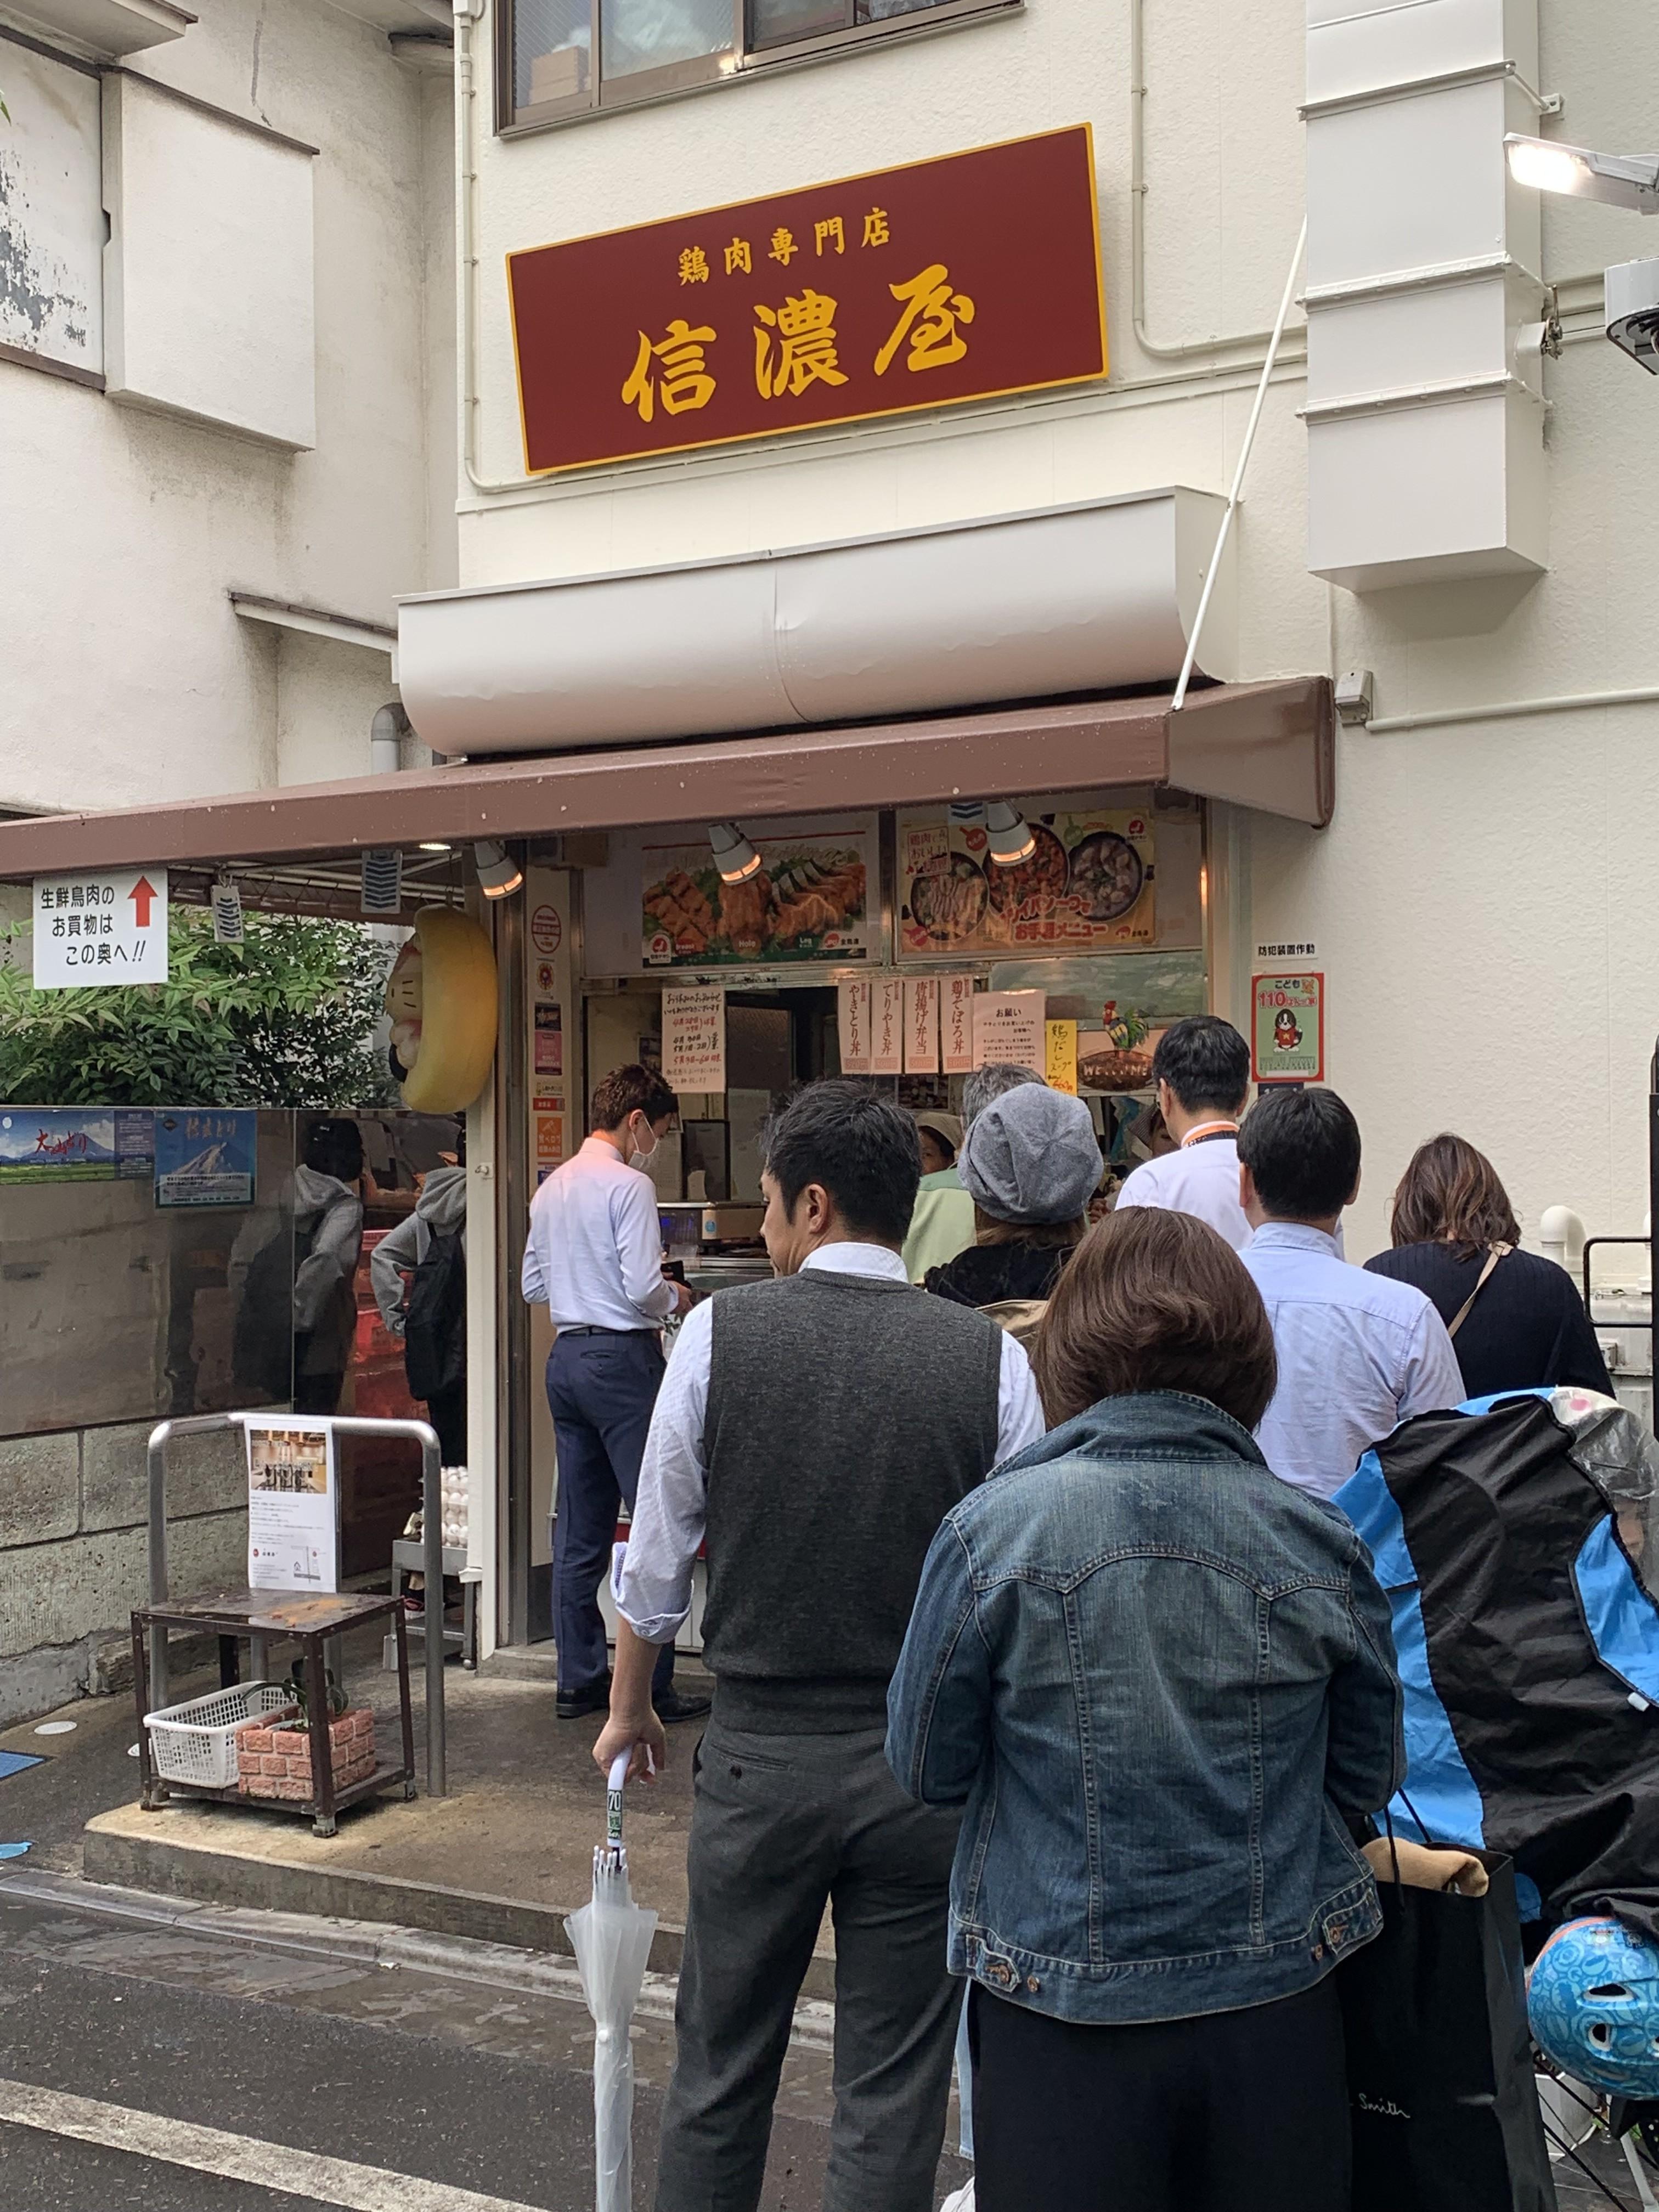 【五反田】信濃屋/西五反田の目黒川沿い、行列ができる超人気焼鳥店。こだわりの鶏肉は使い勝手抜群。